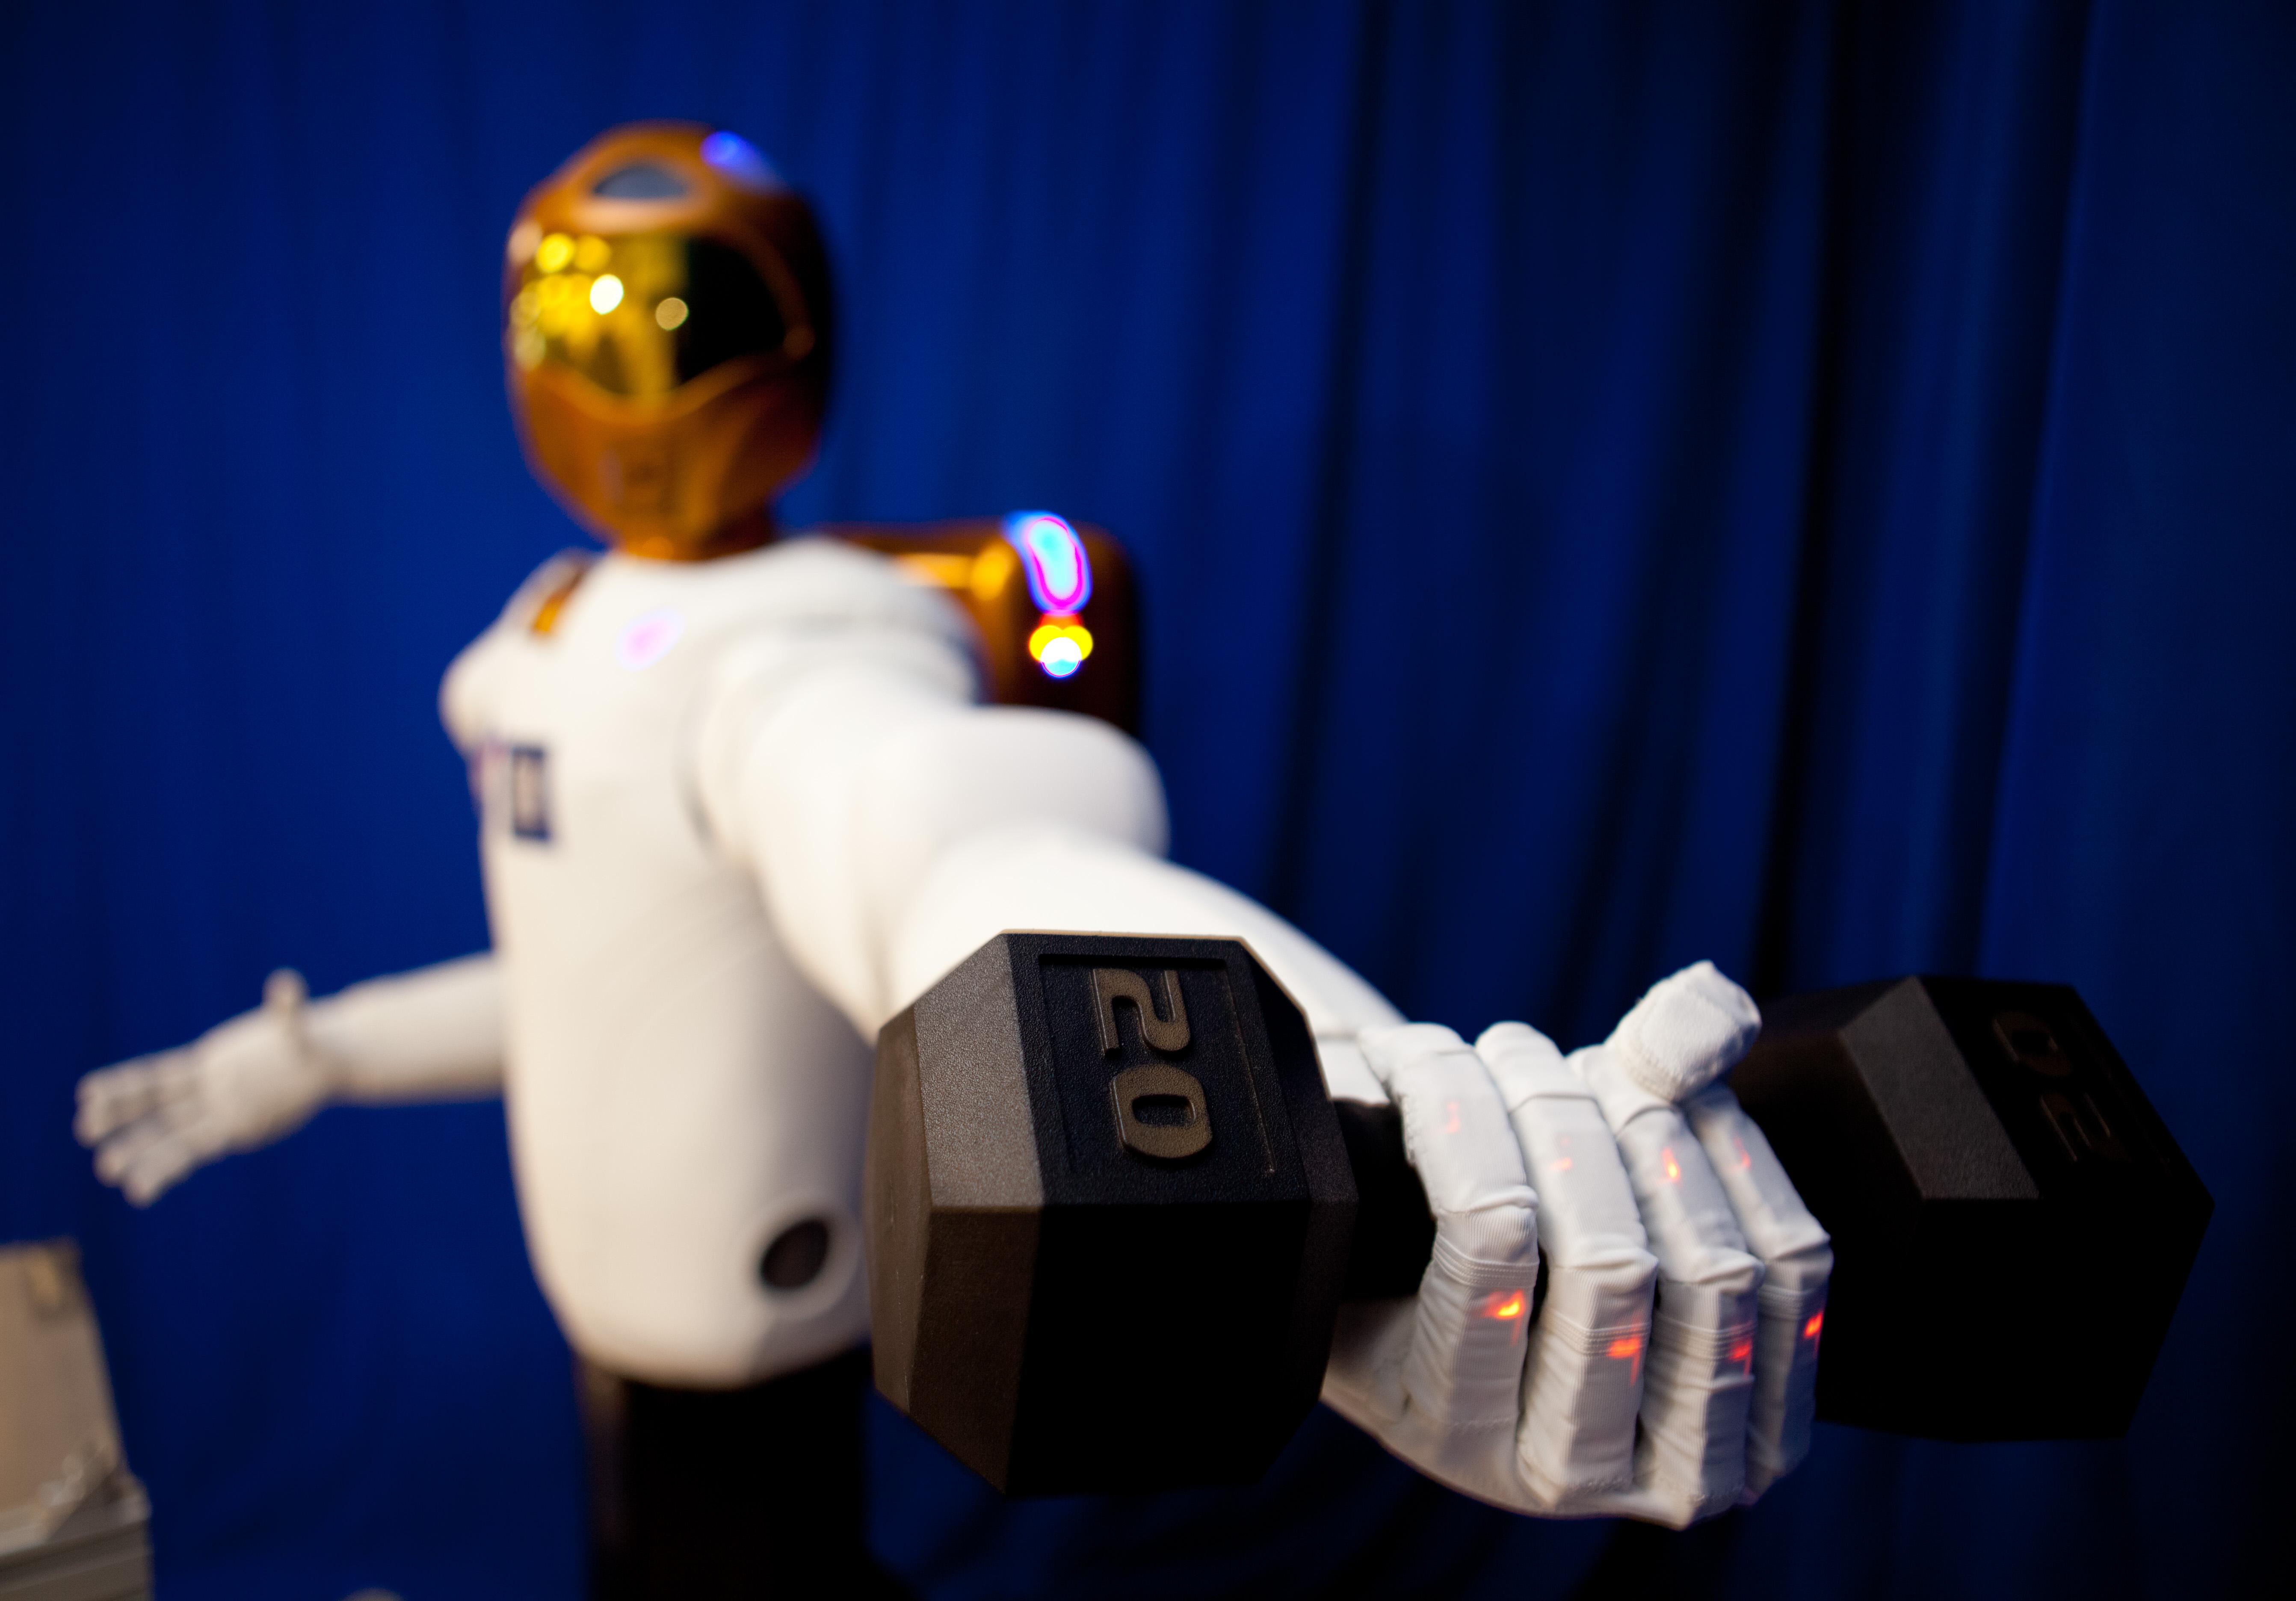 real space robots nasa - photo #6